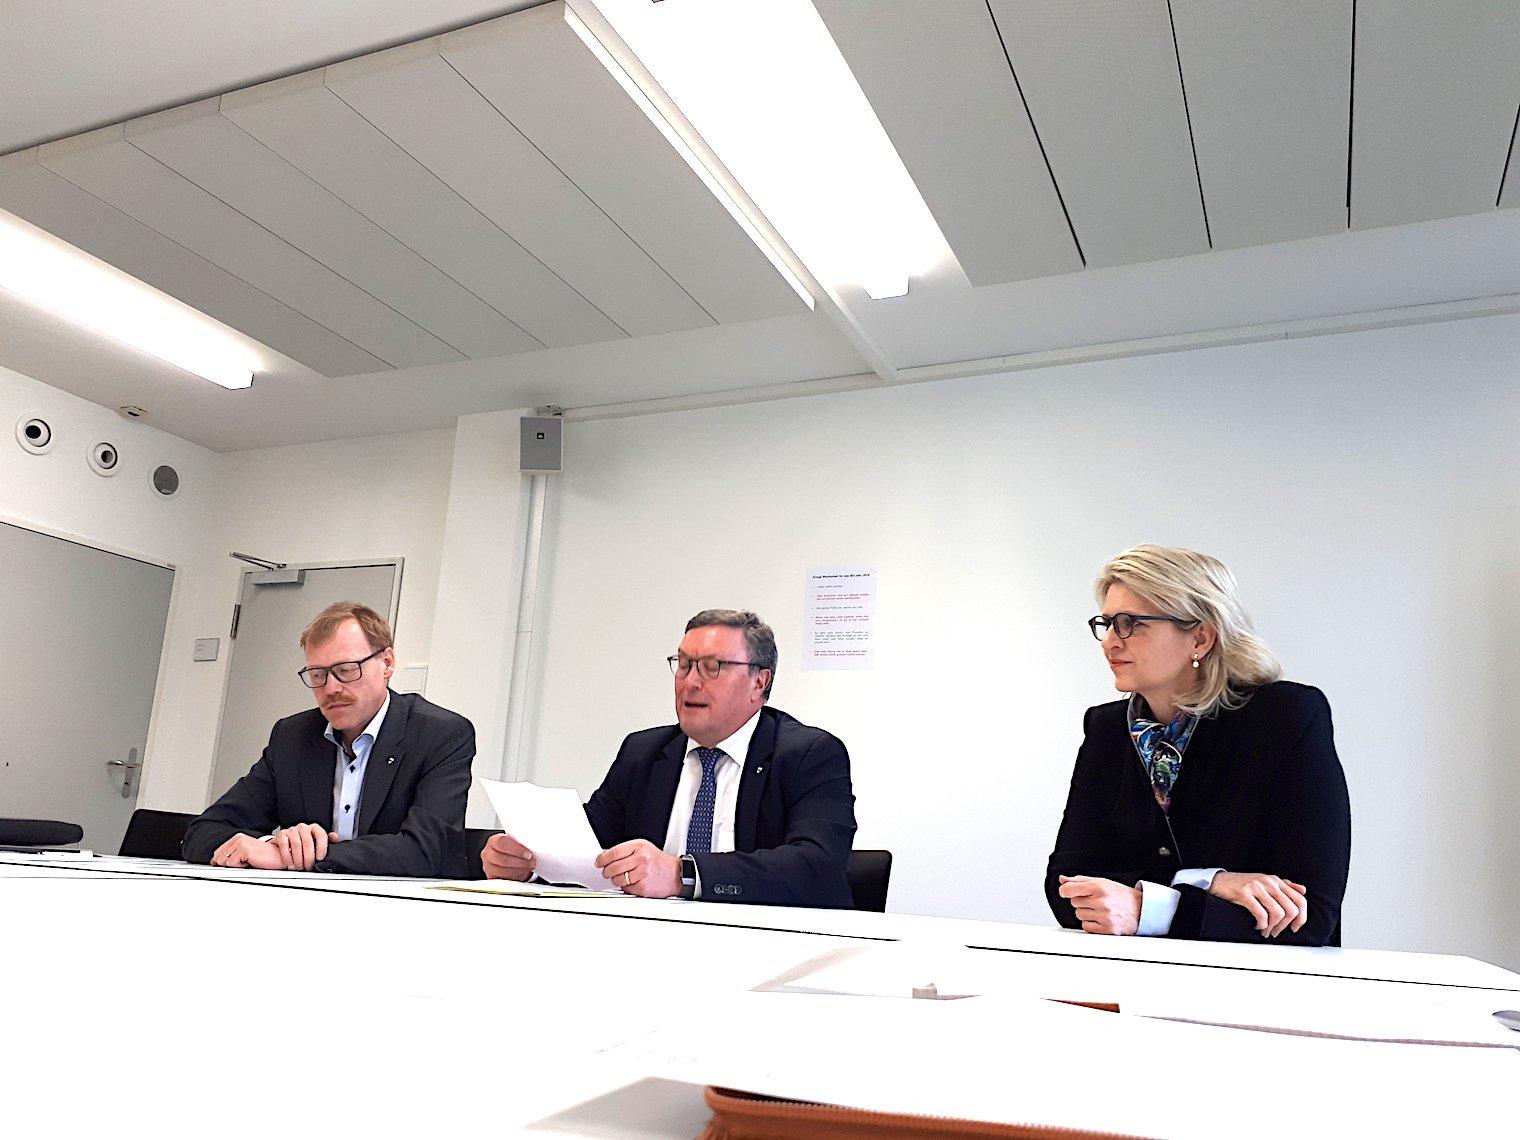 Freisinnige Zuger Spitzenleute: Andreas Hostettler, Präsident der FDP des Kantons Zug (links), Urs Hürlimann, Baudirektor FDP, und Birgitt Siegrist, Präsidentin der FDP-Frauen.